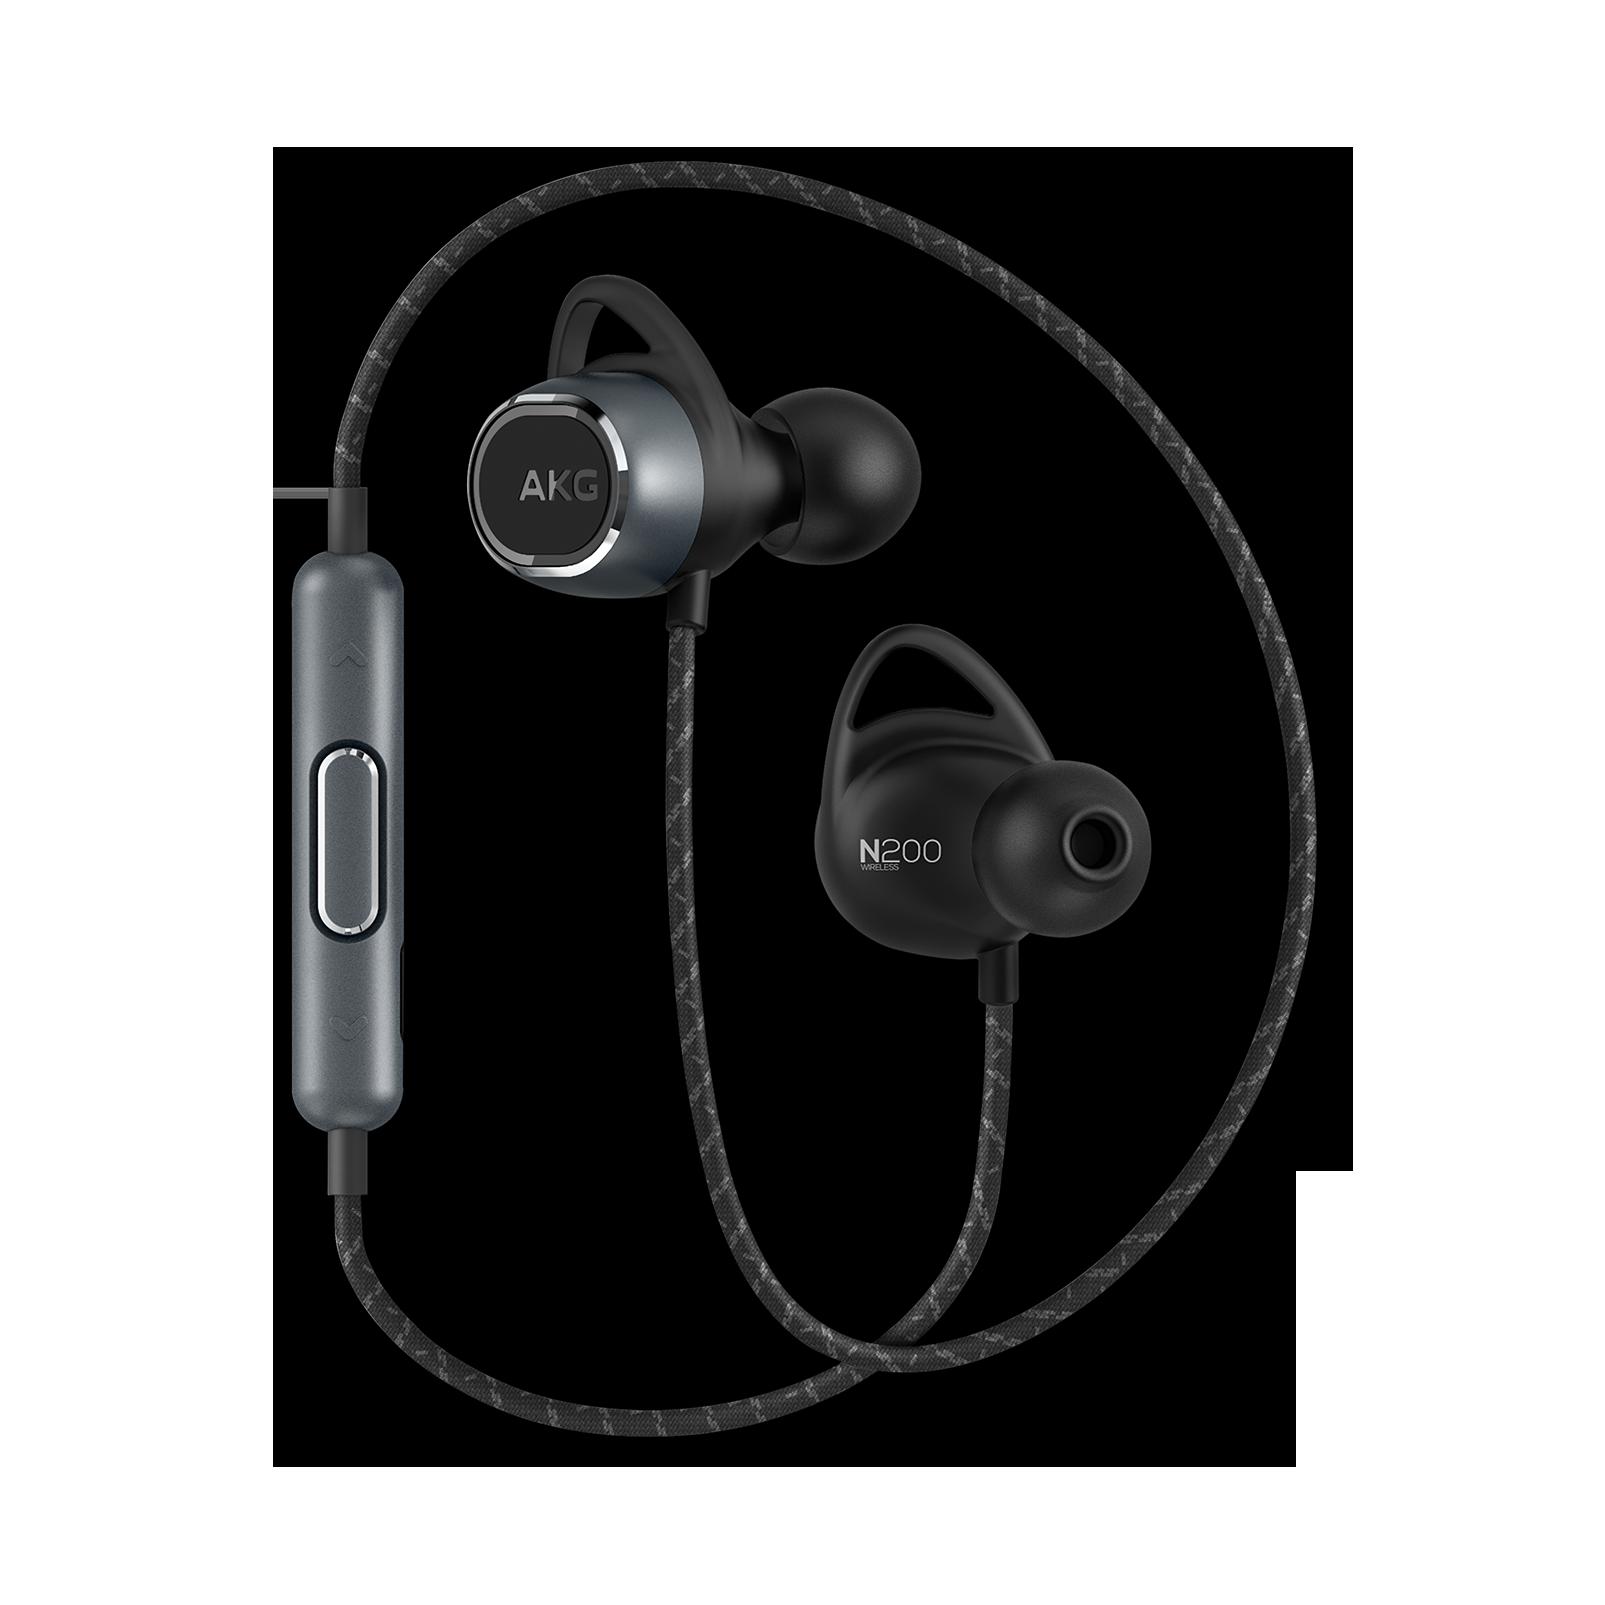 Samsung Akg Bluetooth Wireless Magnetic Neckband Earphones Akg N200 Wireless Sport Earbuds Akg N200bt With Microphone Bluetooth Earphones Headphones Aliexpress